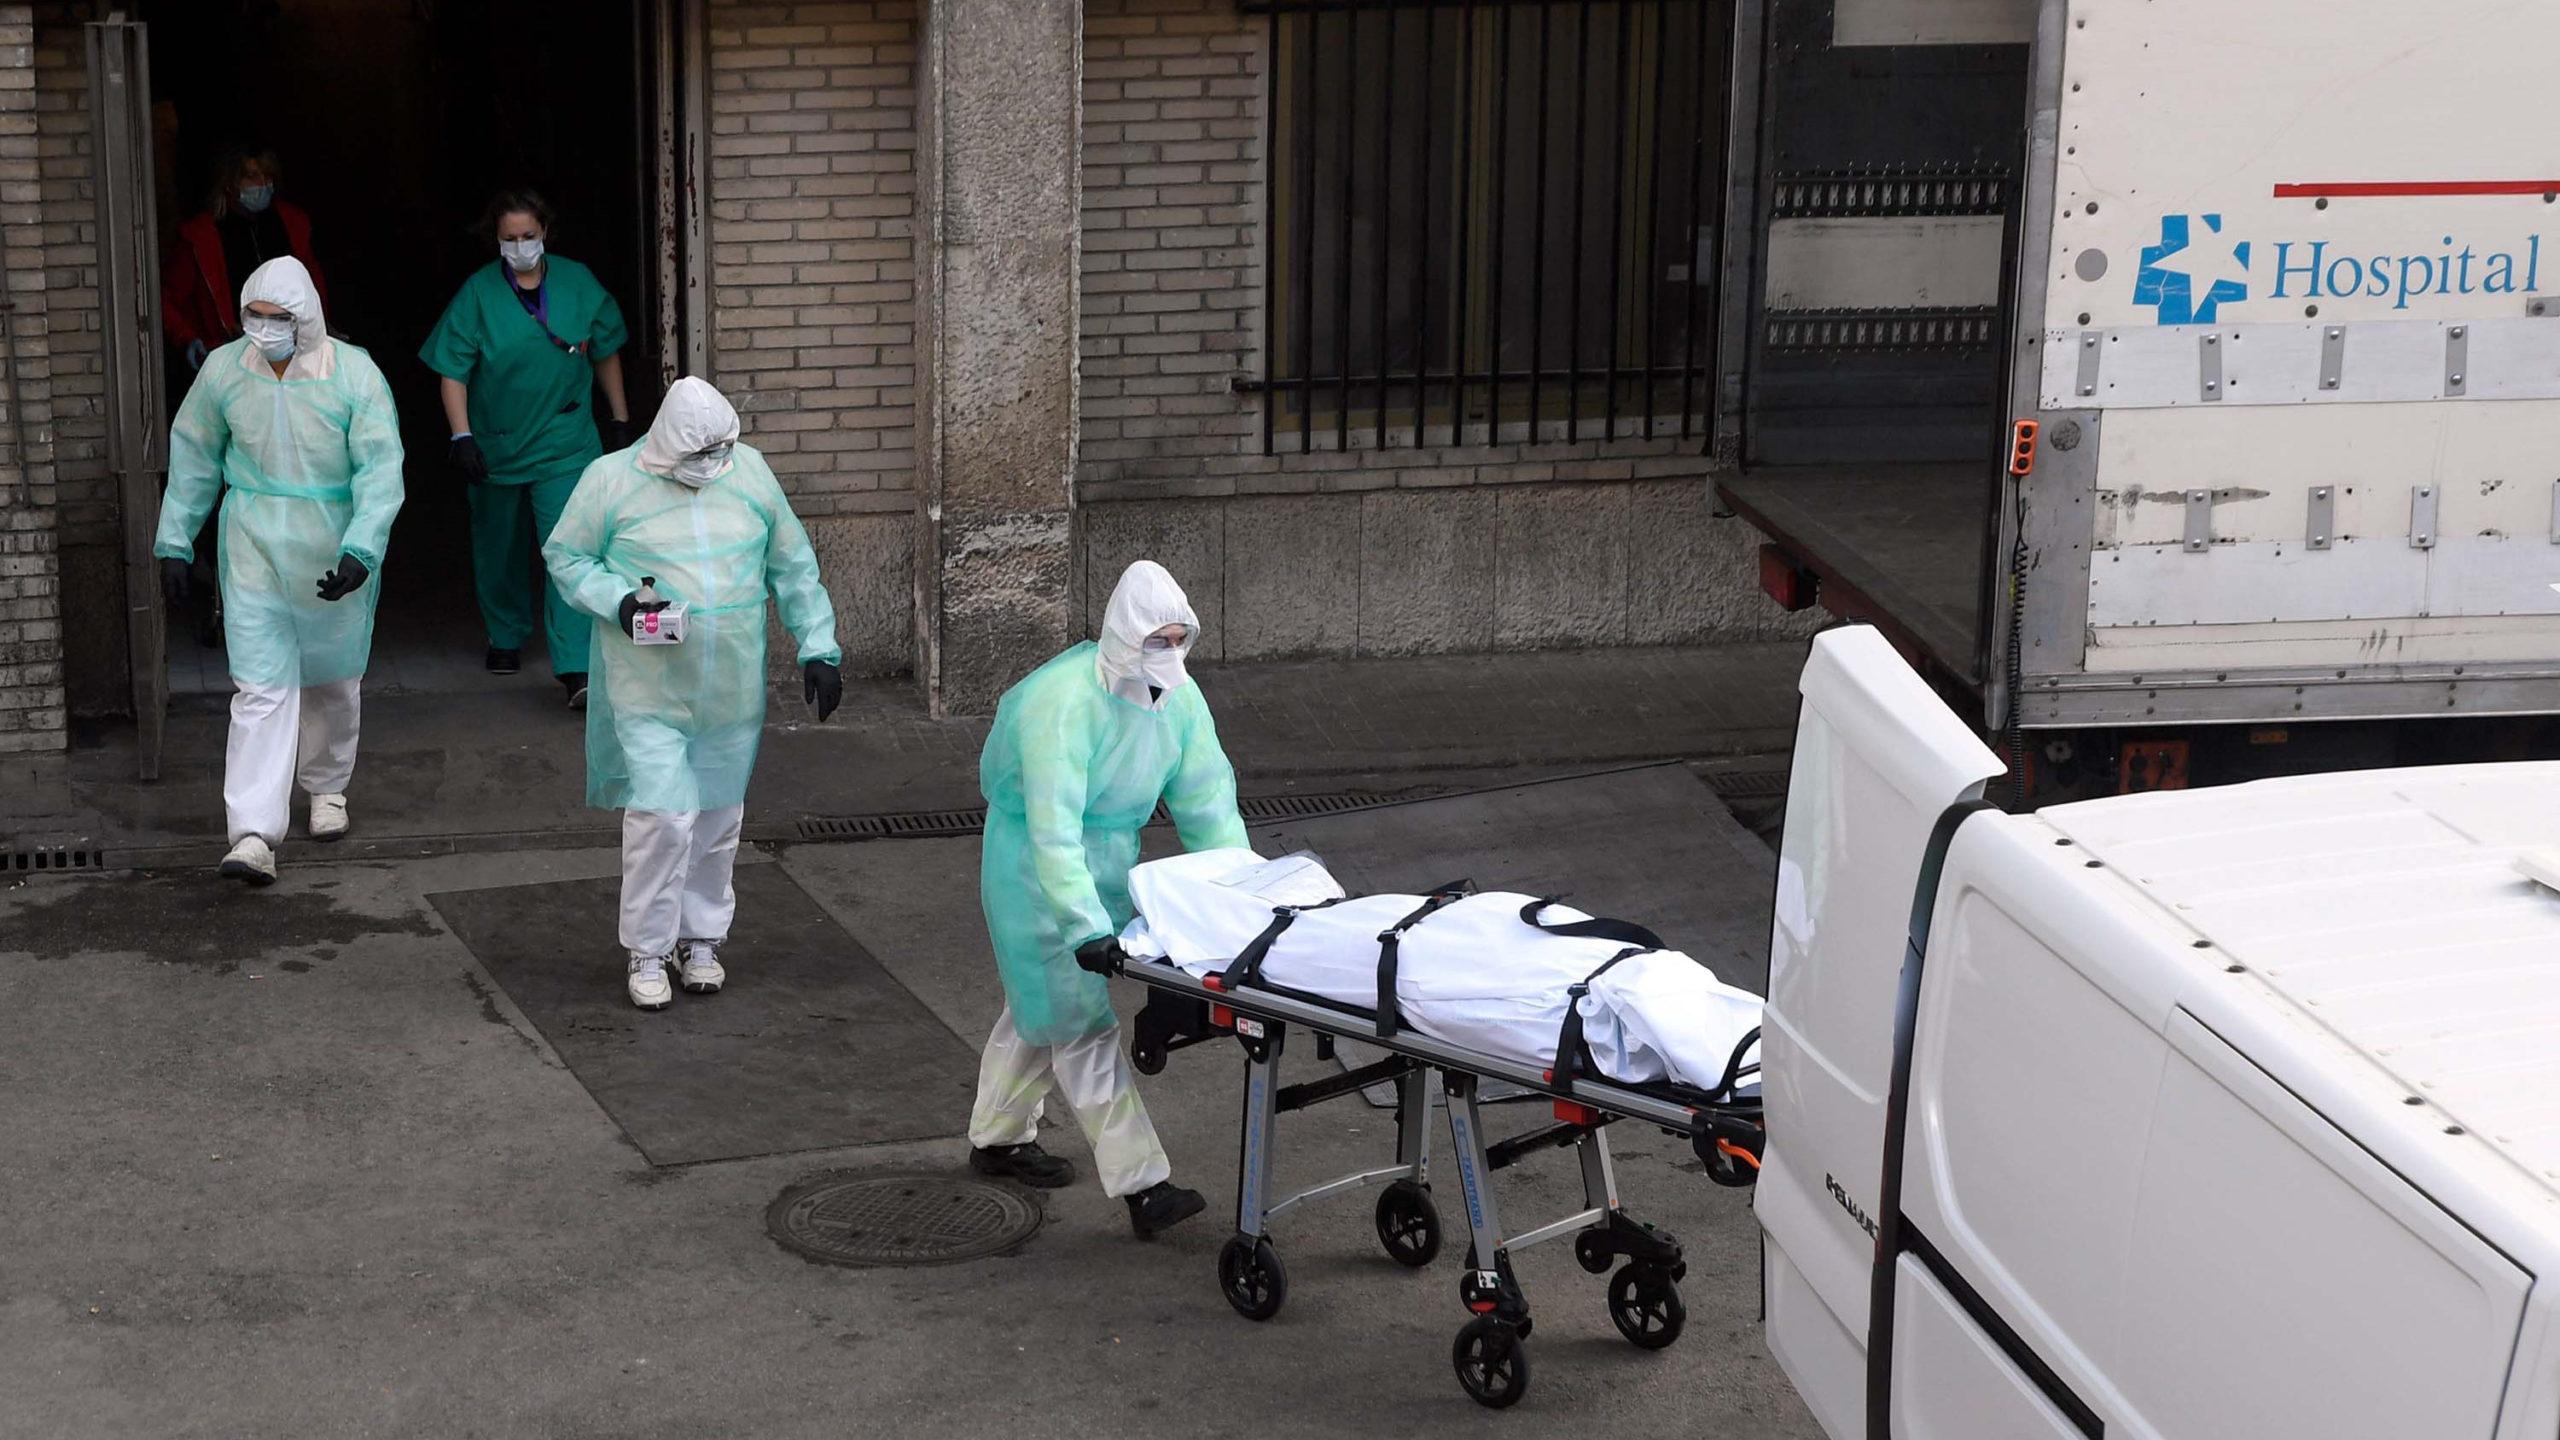 Se duplican casos COVID-19 en NY; hay más de 37,000 infectados y 385 muertos